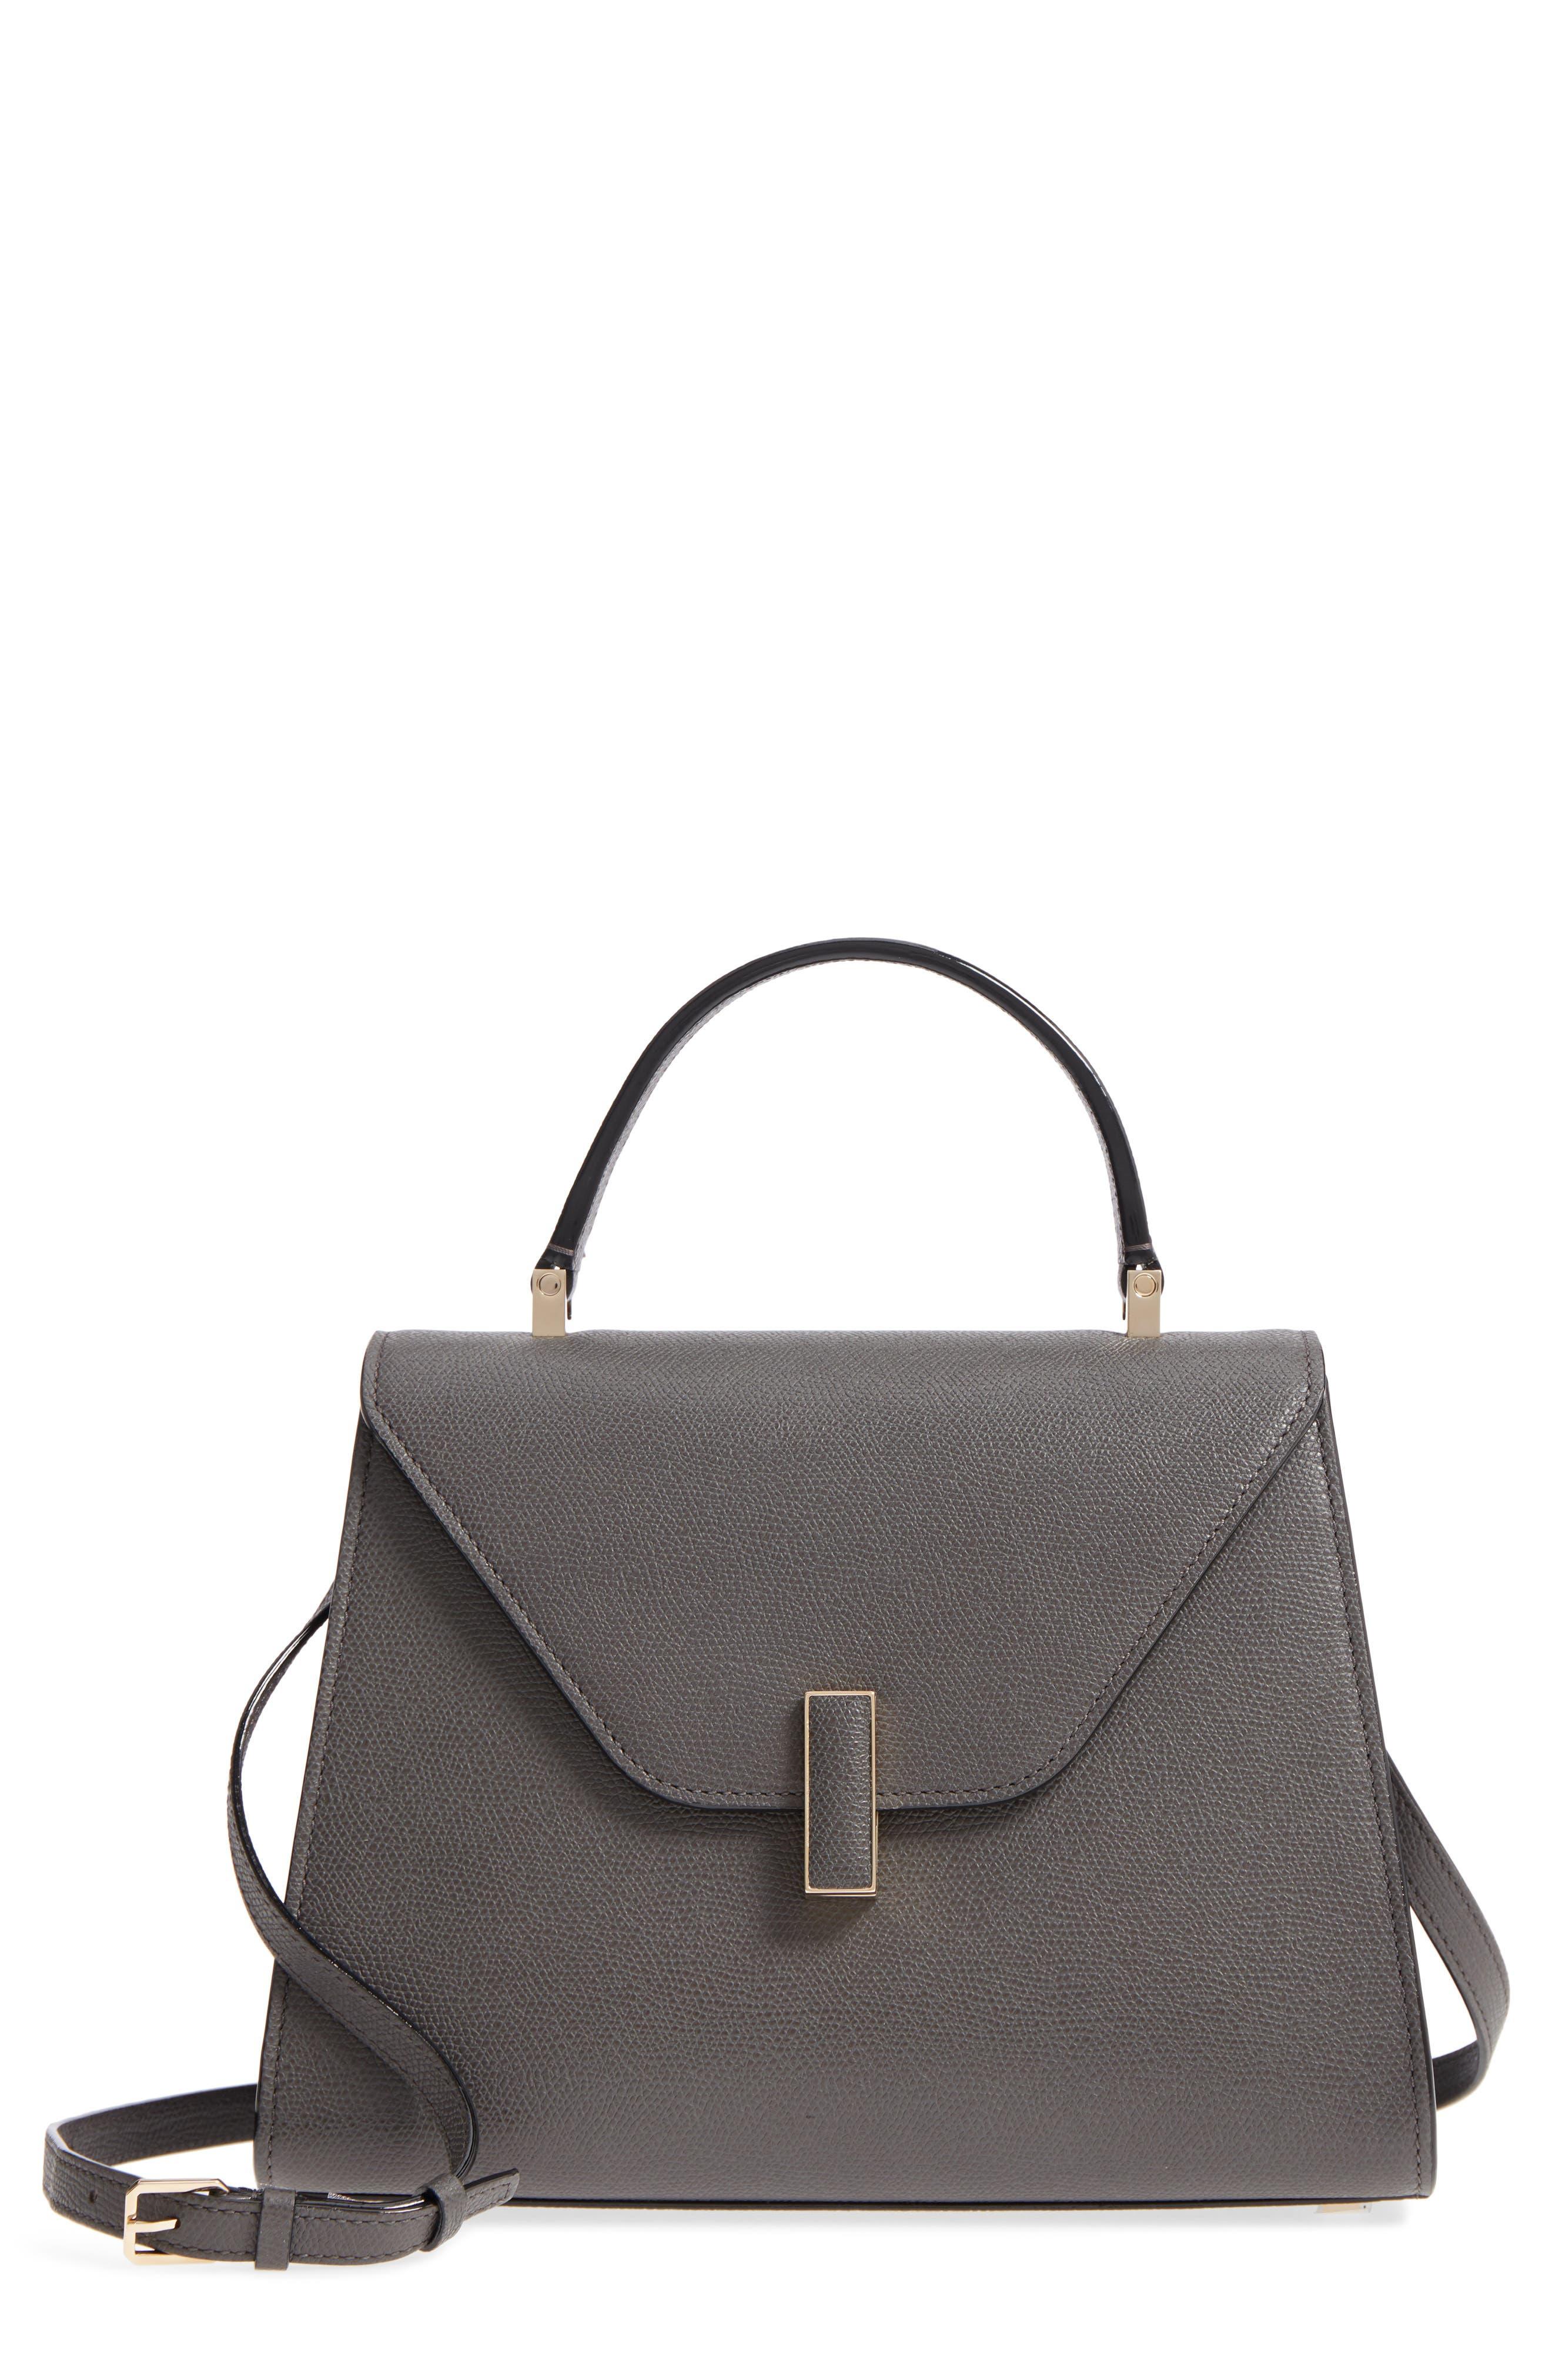 Iside Medium Top Handle Bag, Main, color, FUMO DI LONDRA